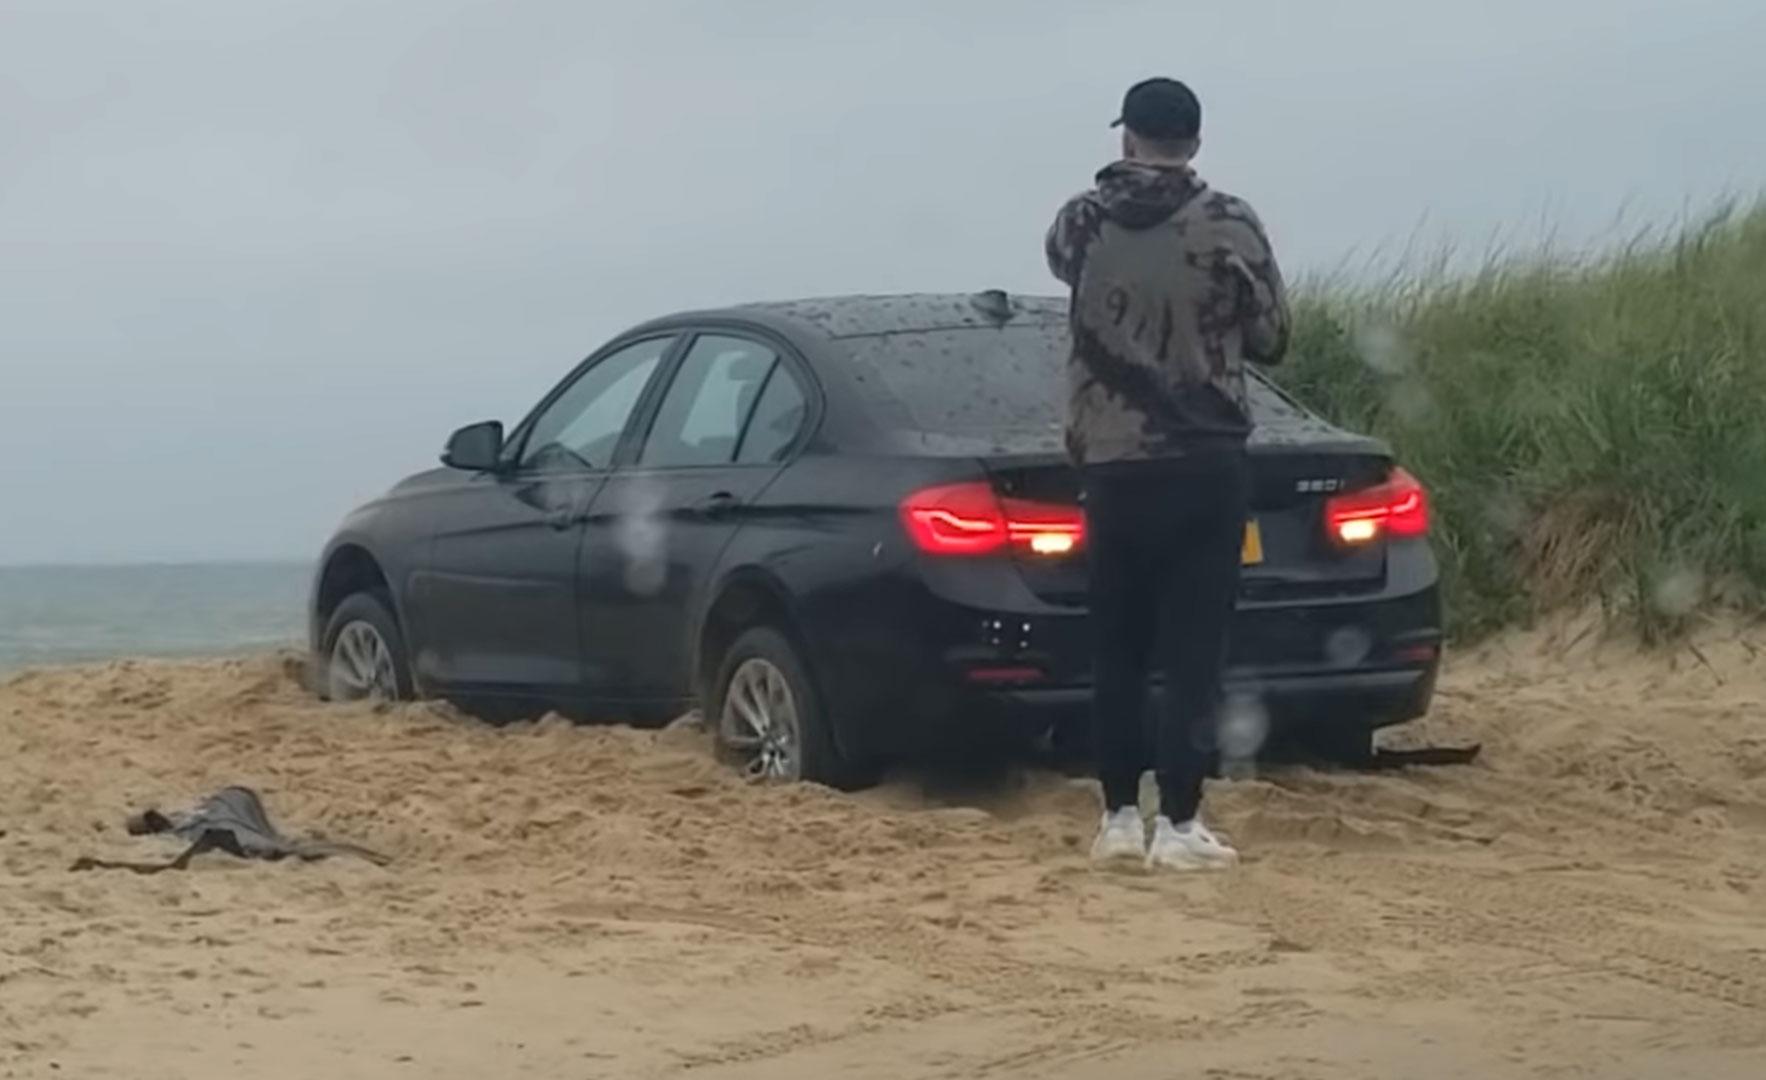 BMW-rijder sluit zichzelf buiten, auto graaft zich in